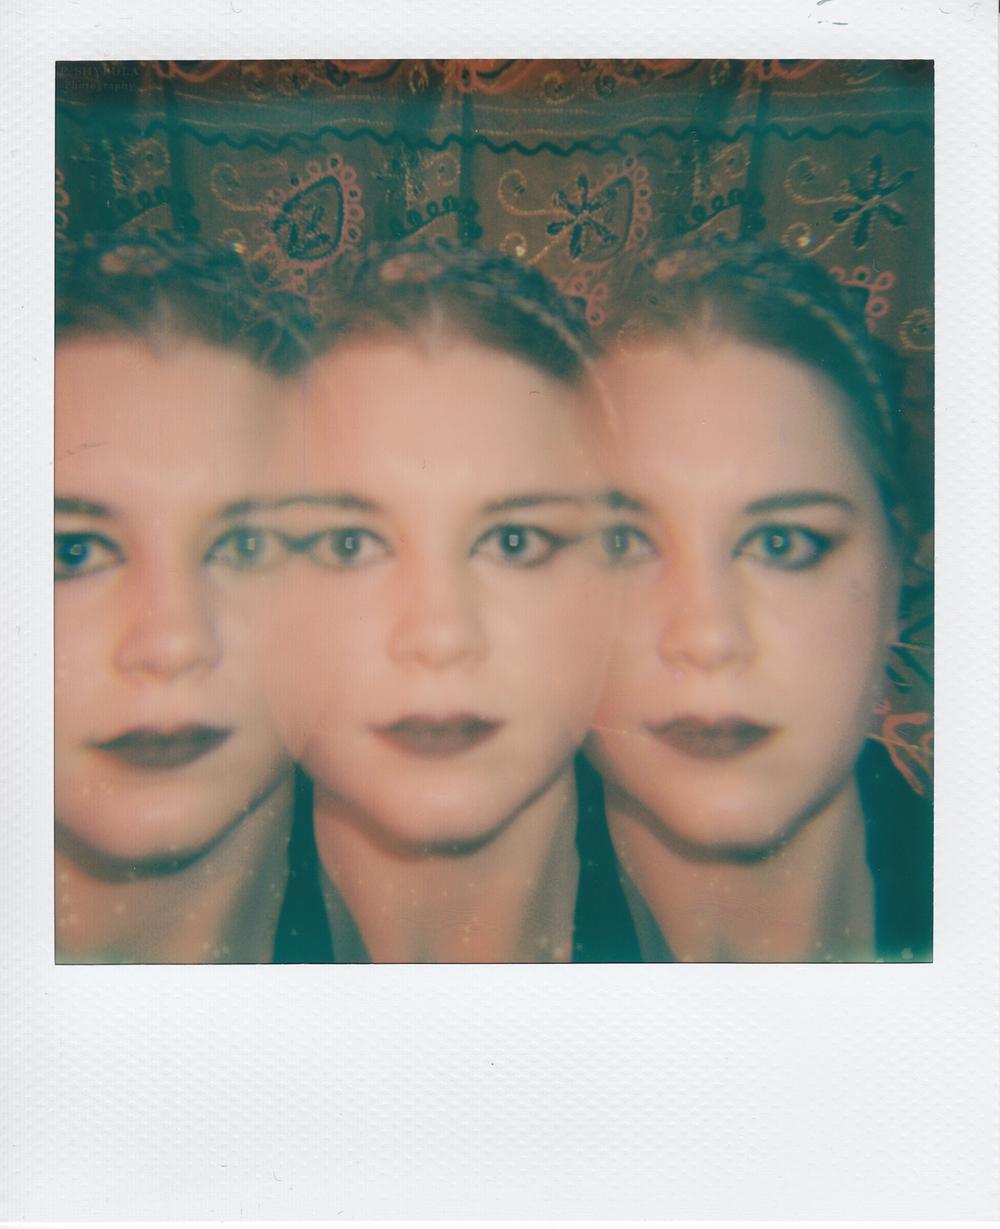 Polaroid Impulse  + Prism attachment +  Impossible Project